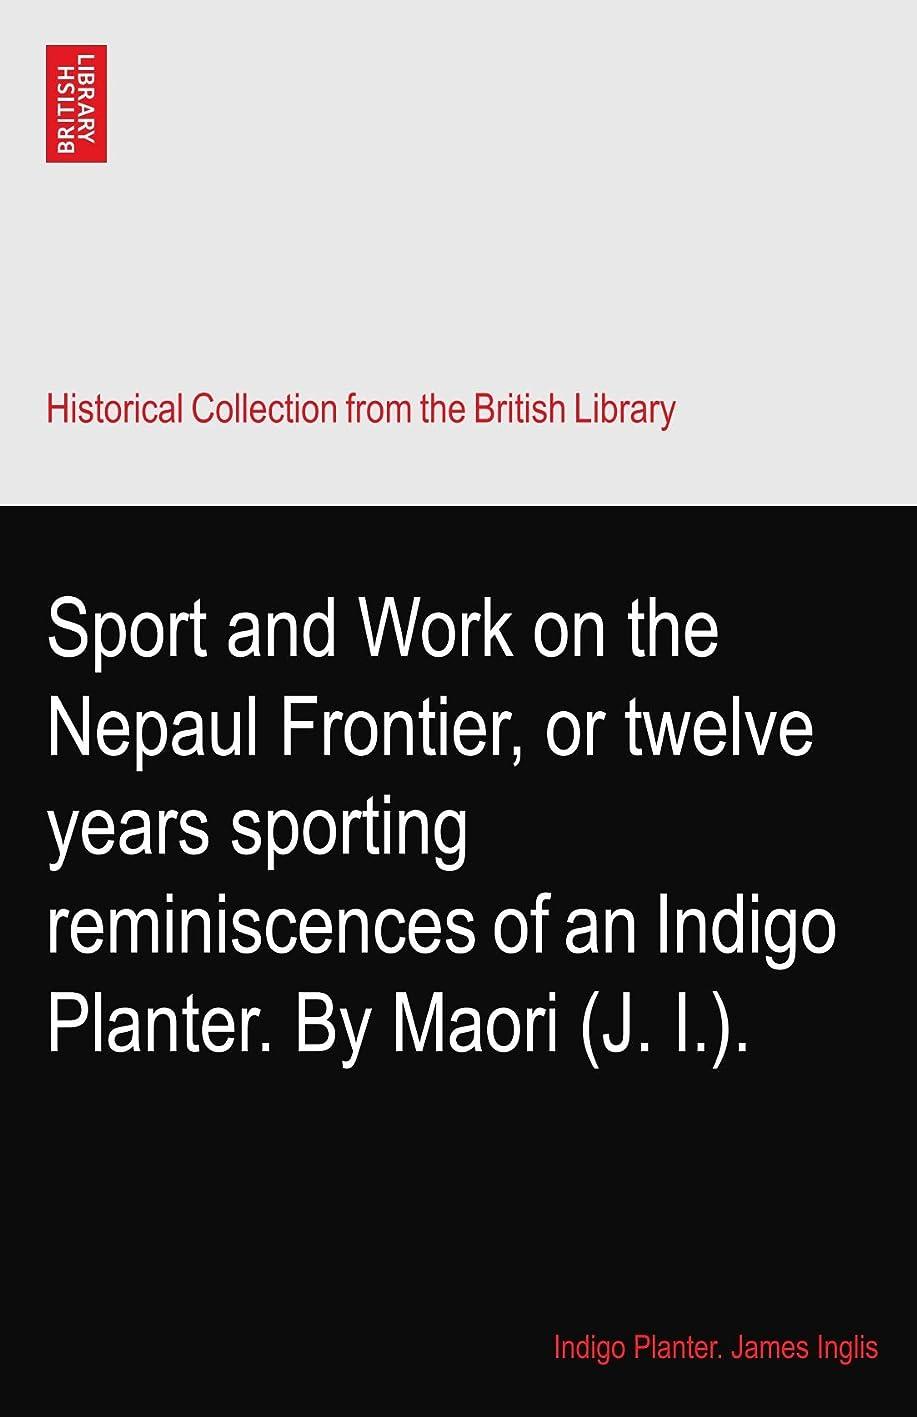 効率的に管理します先見の明Sport and Work on the Nepaul Frontier, or twelve years sporting reminiscences of an Indigo Planter. By Maori (J. I.).